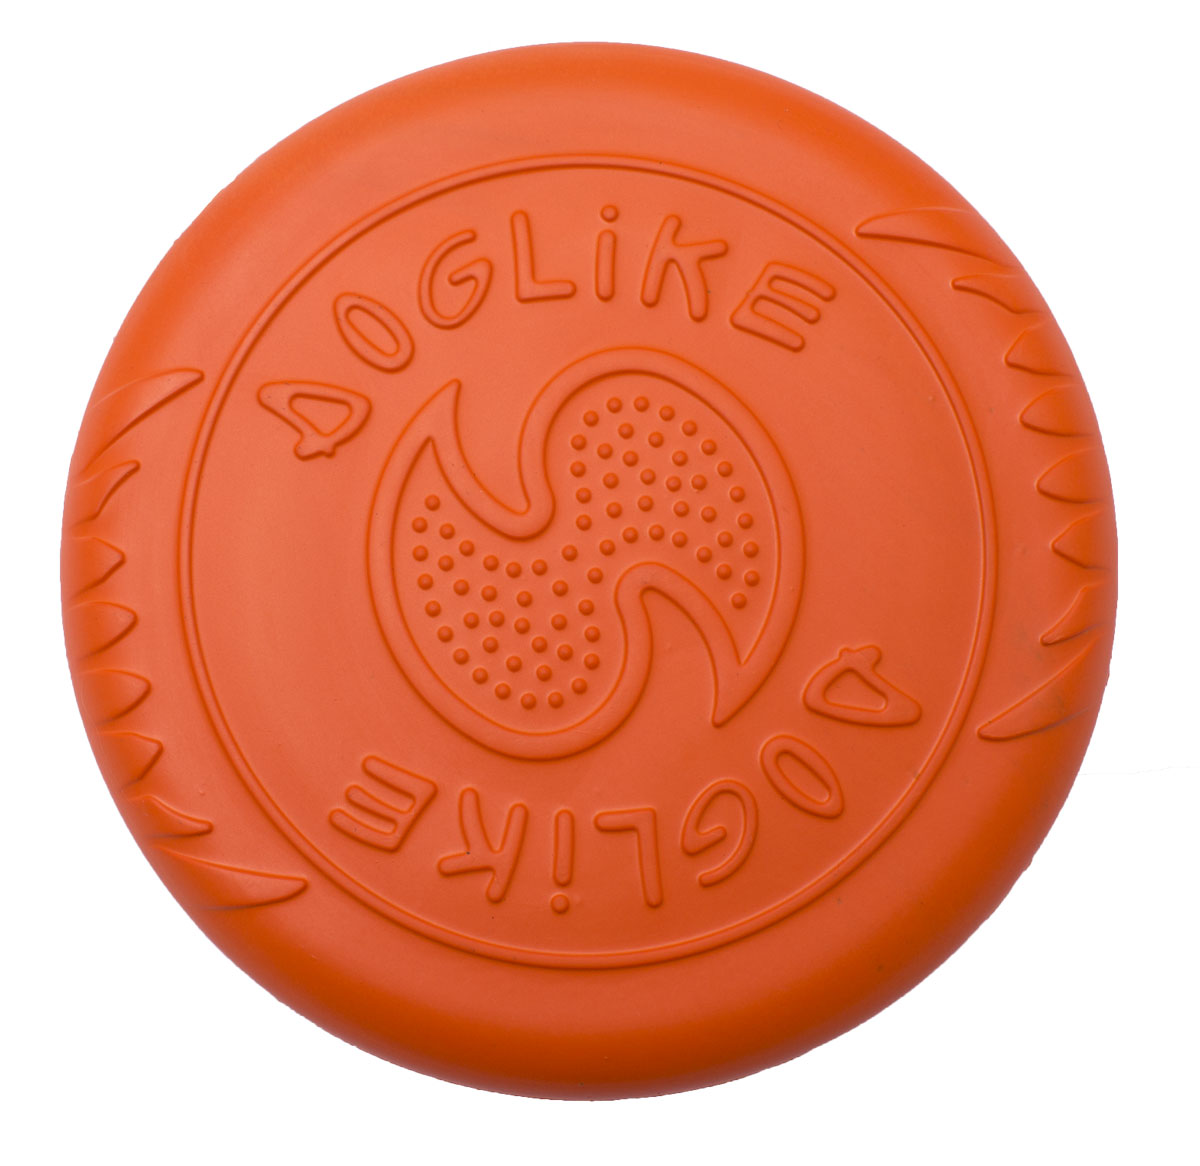 Игрушка для собак Doglike Тарелка летающая, цвет: оранжевый, диаметр 18 смDT-7333Игрушка для собак Doglike Тарелка летающая выполнена из экологически чистого материала ЭВА. Она подходит для игры с маленькими породами собак. Тарелка хорошо сохраняет эластичность. Безопасна для зубов и десен собаки. Тарелка не тонет в воде. Диаметр: 18 см.